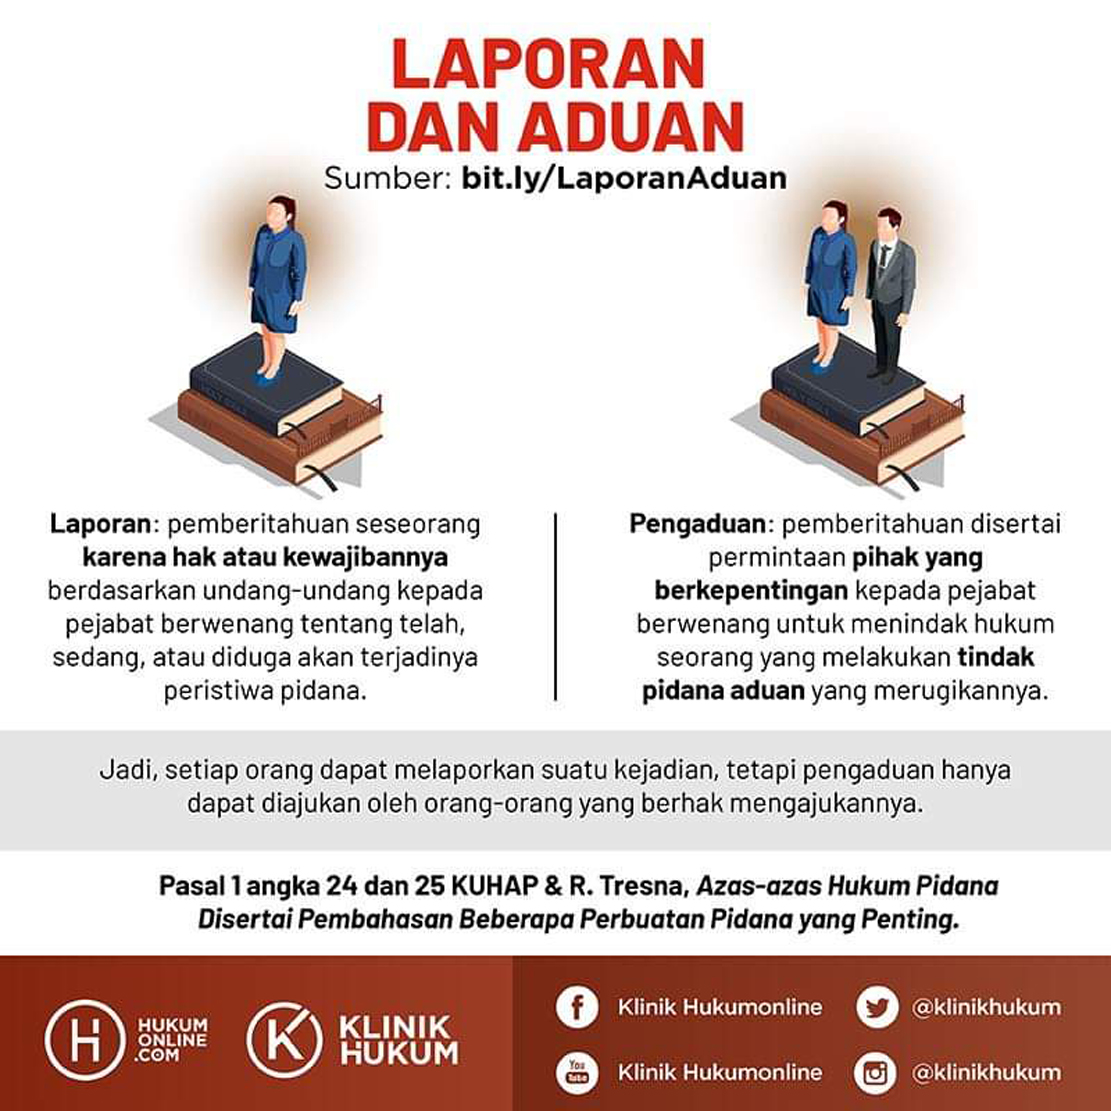 Perbedaan Pengaduan Dengan Pelaporan Kartika Law Firm